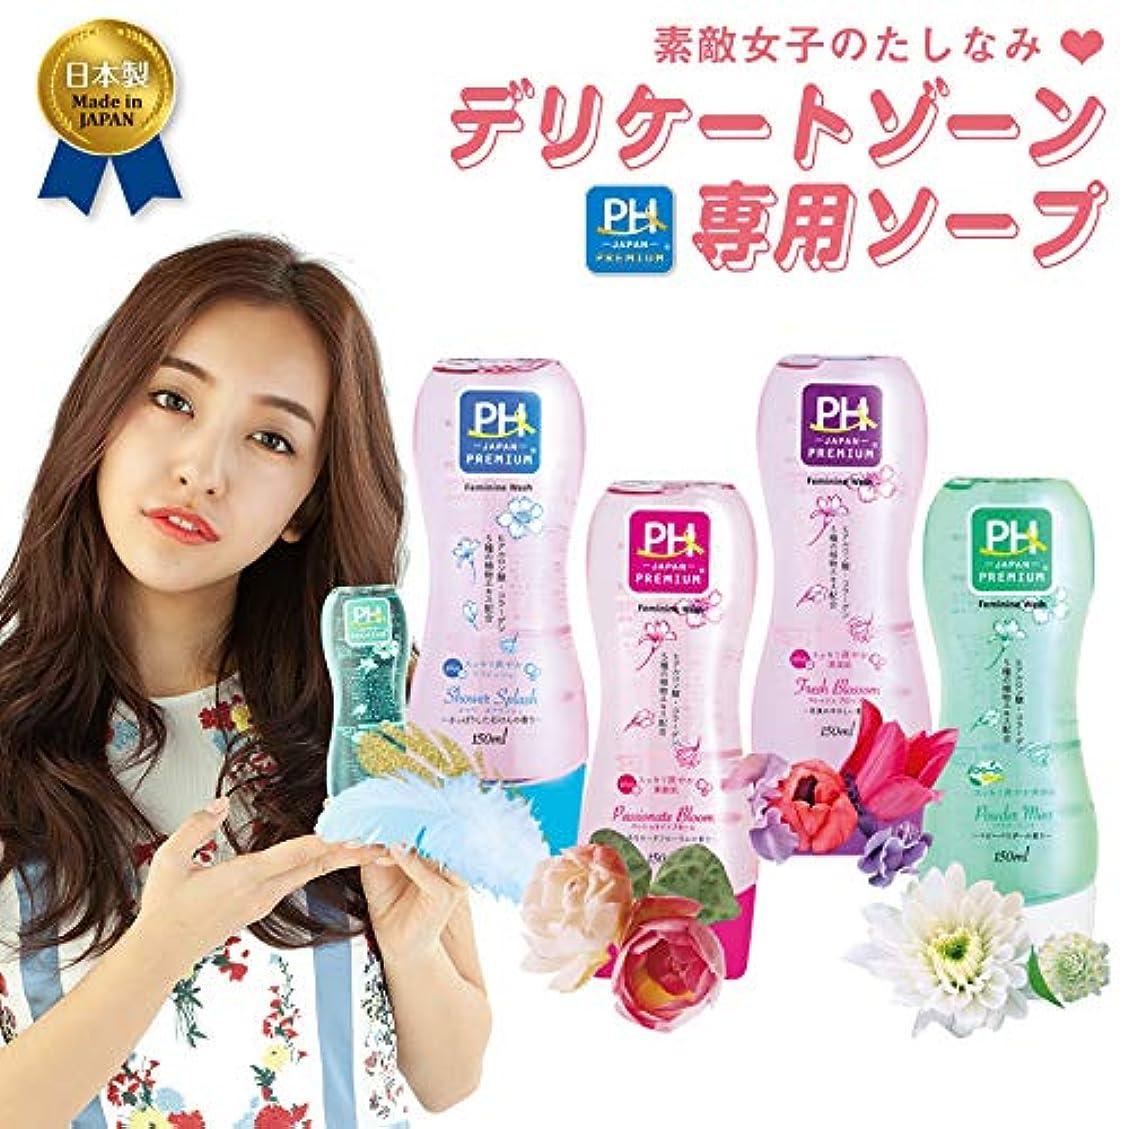 付録テレビを見るブースフレッシュブロッソム4本セット PH JAPAN フェミニンウォッシュ 花束のやさしい香り